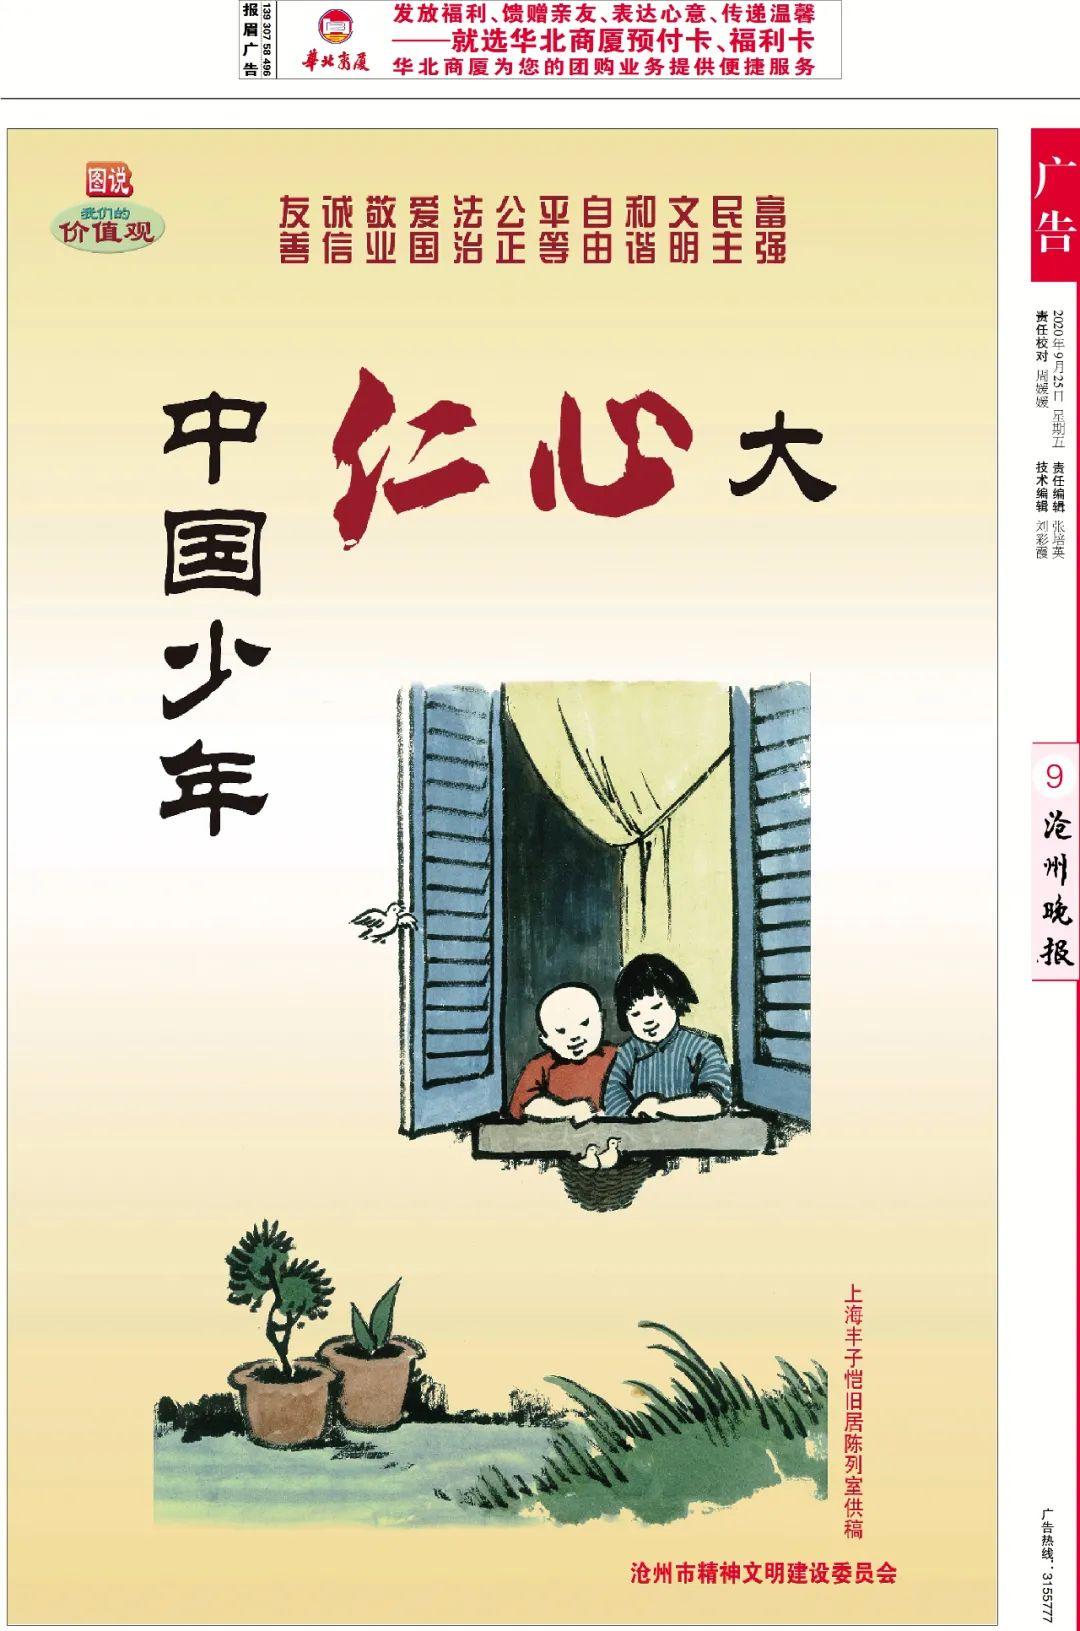 徐海凤激光诊所被罚21万元,今日高清版沧州晚报来了